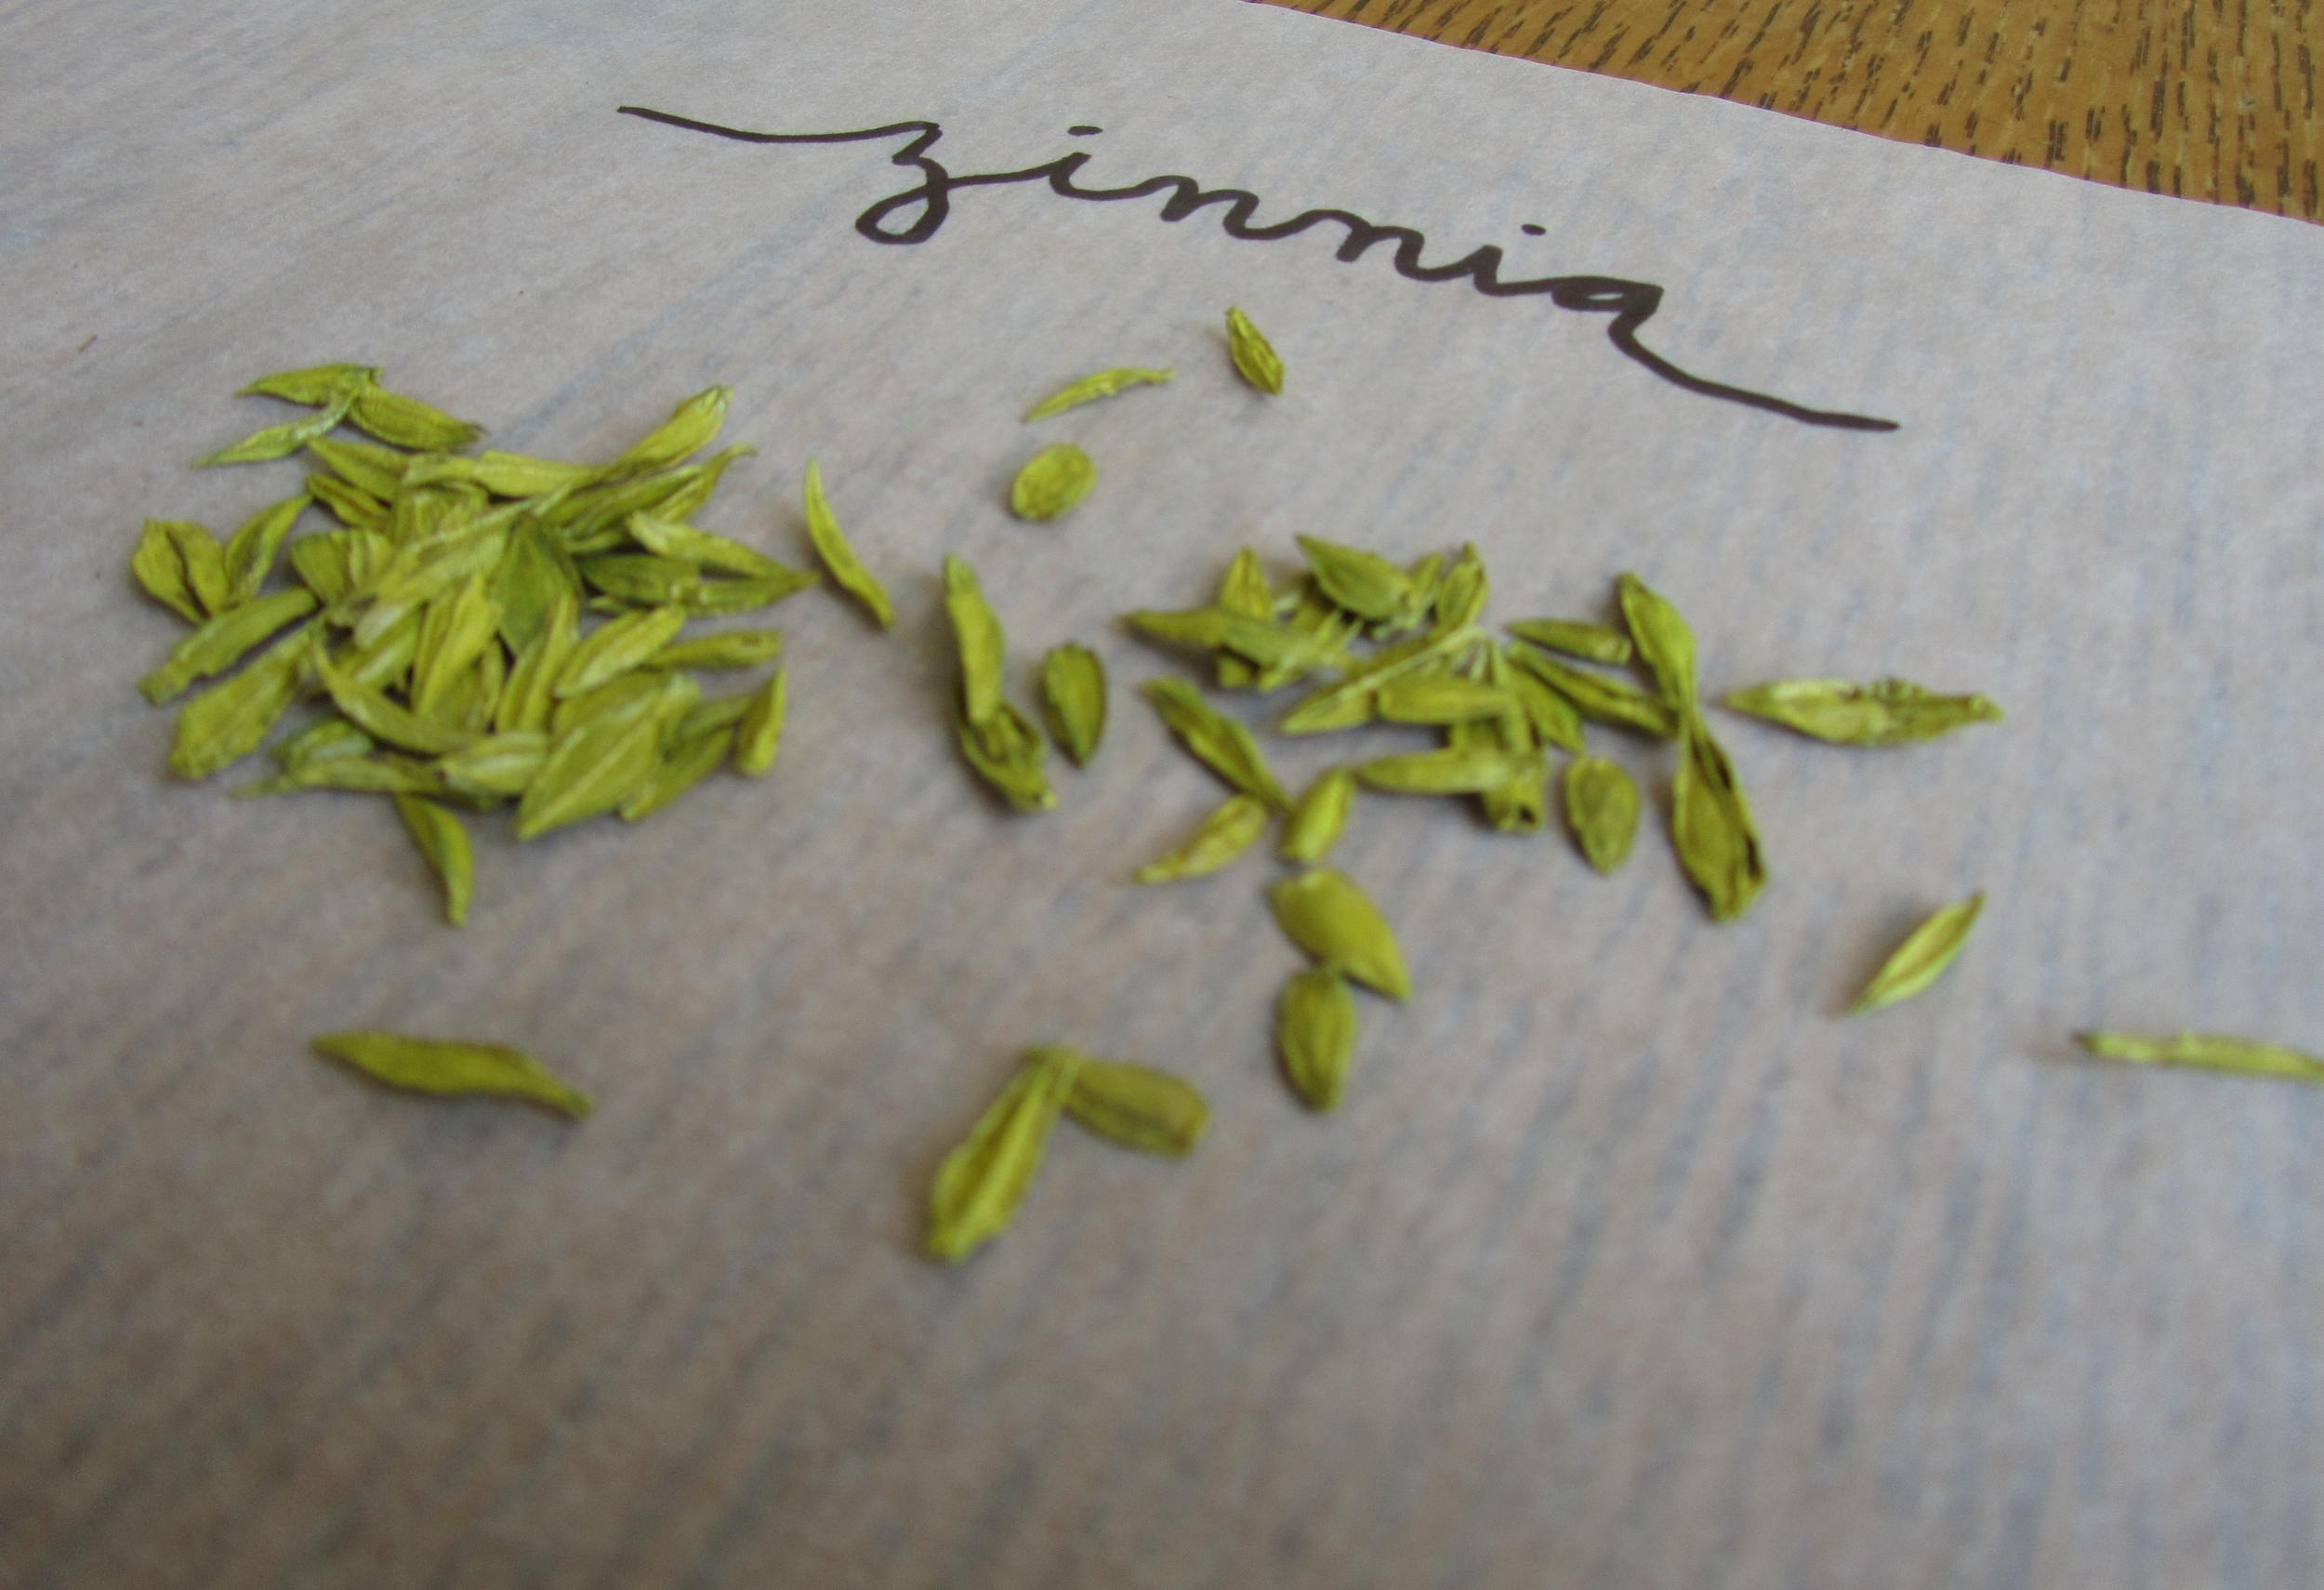 zinnia seeds